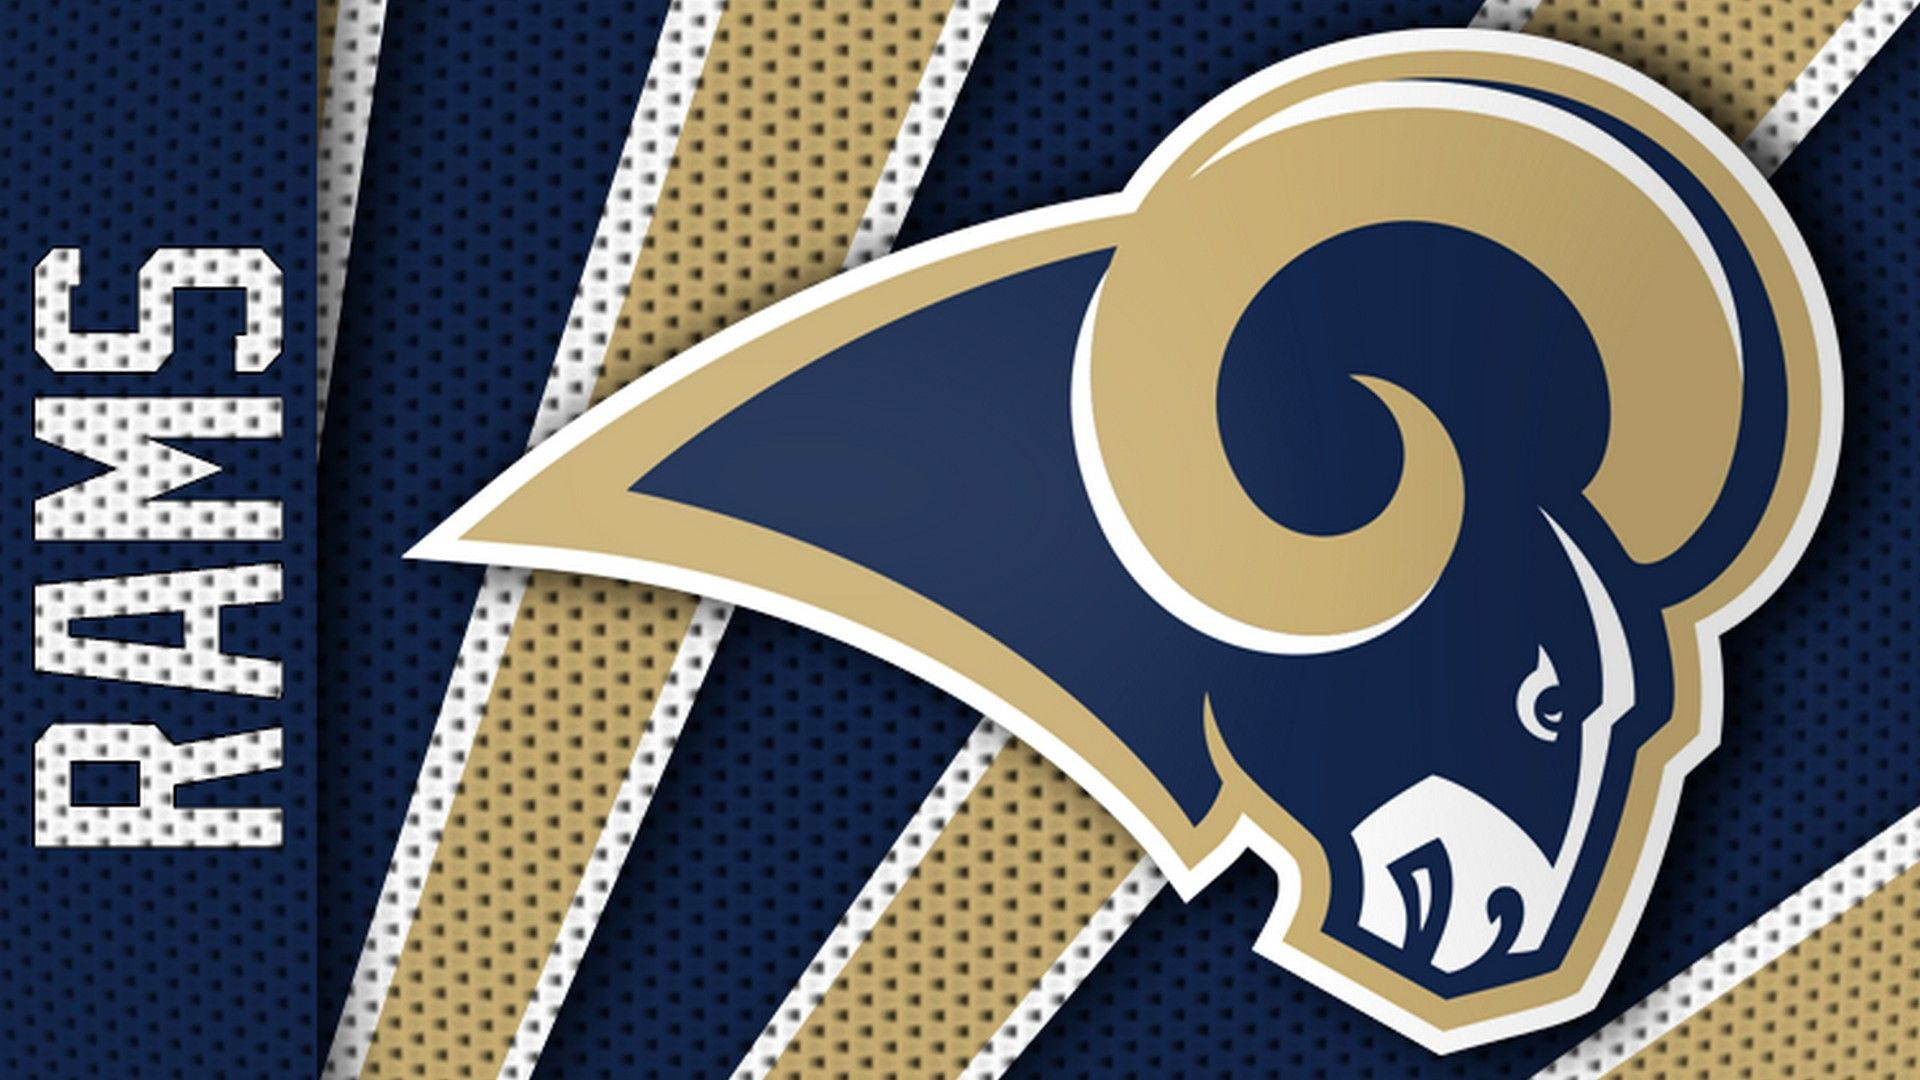 Los Angeles Rams Wallpapers - Top Free